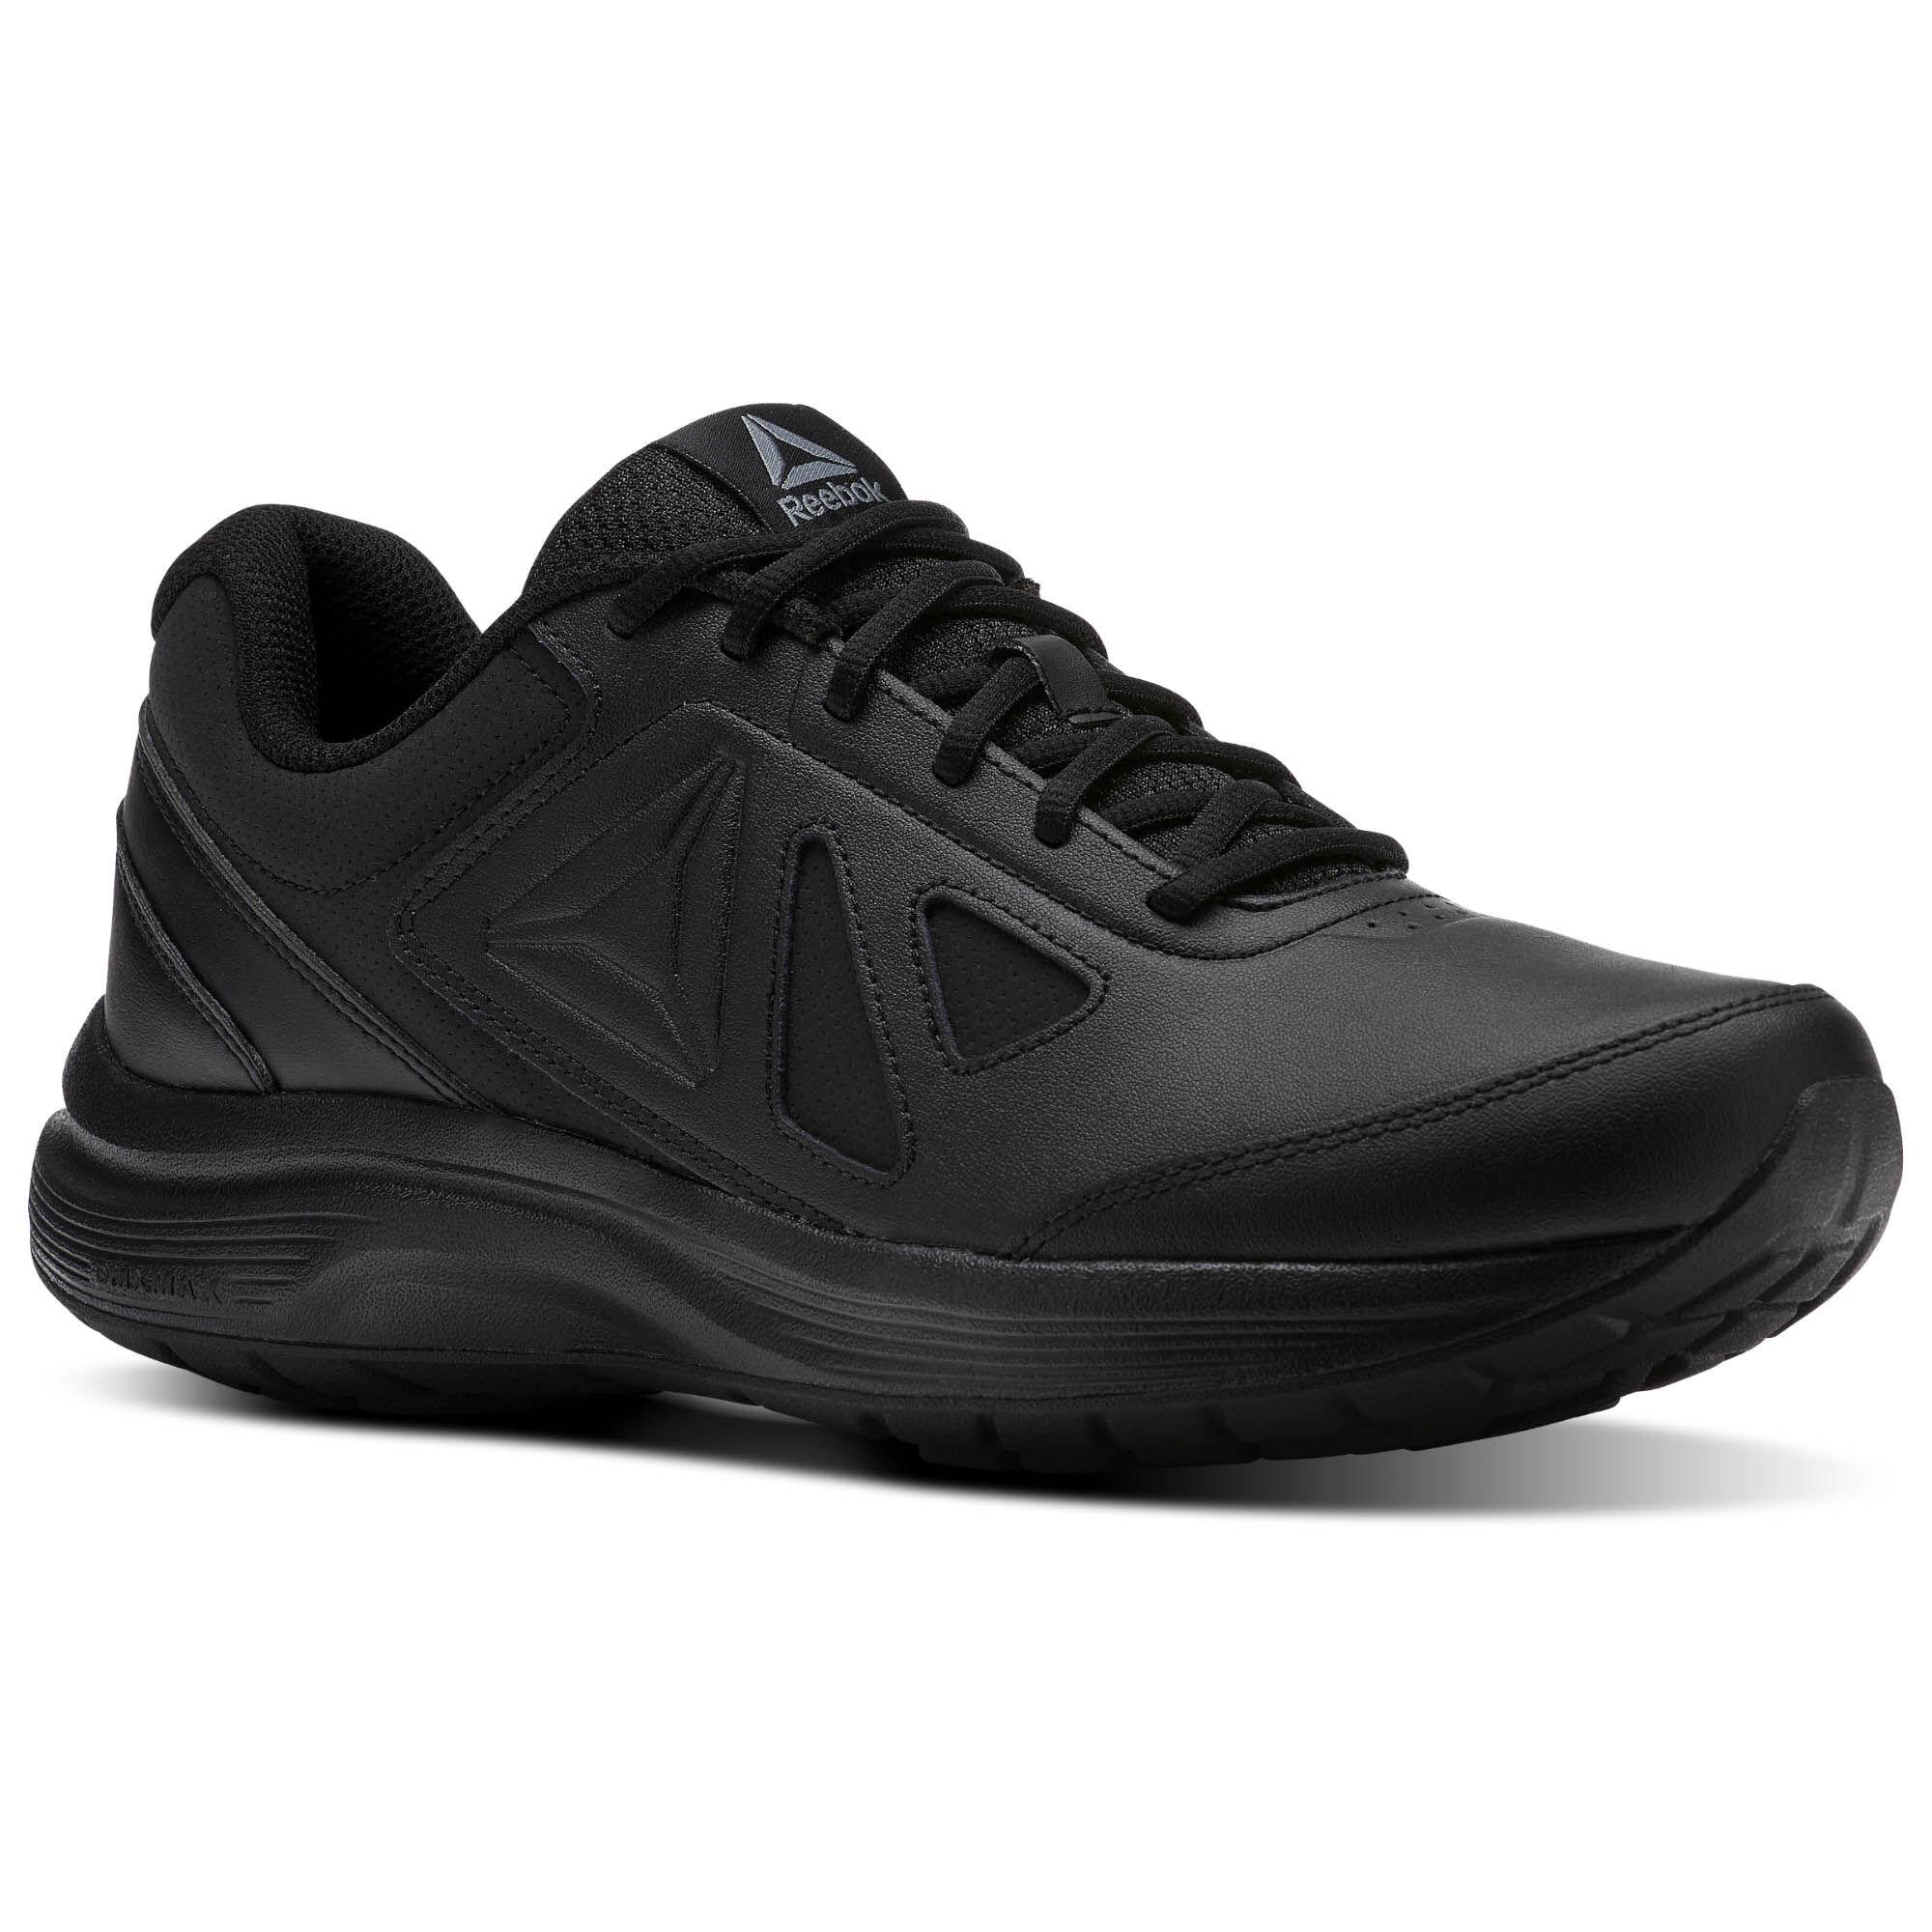 Reebok WALK ULTRA 6 DMX MAX RG - Walking trainers - black UBzM2dNrJl